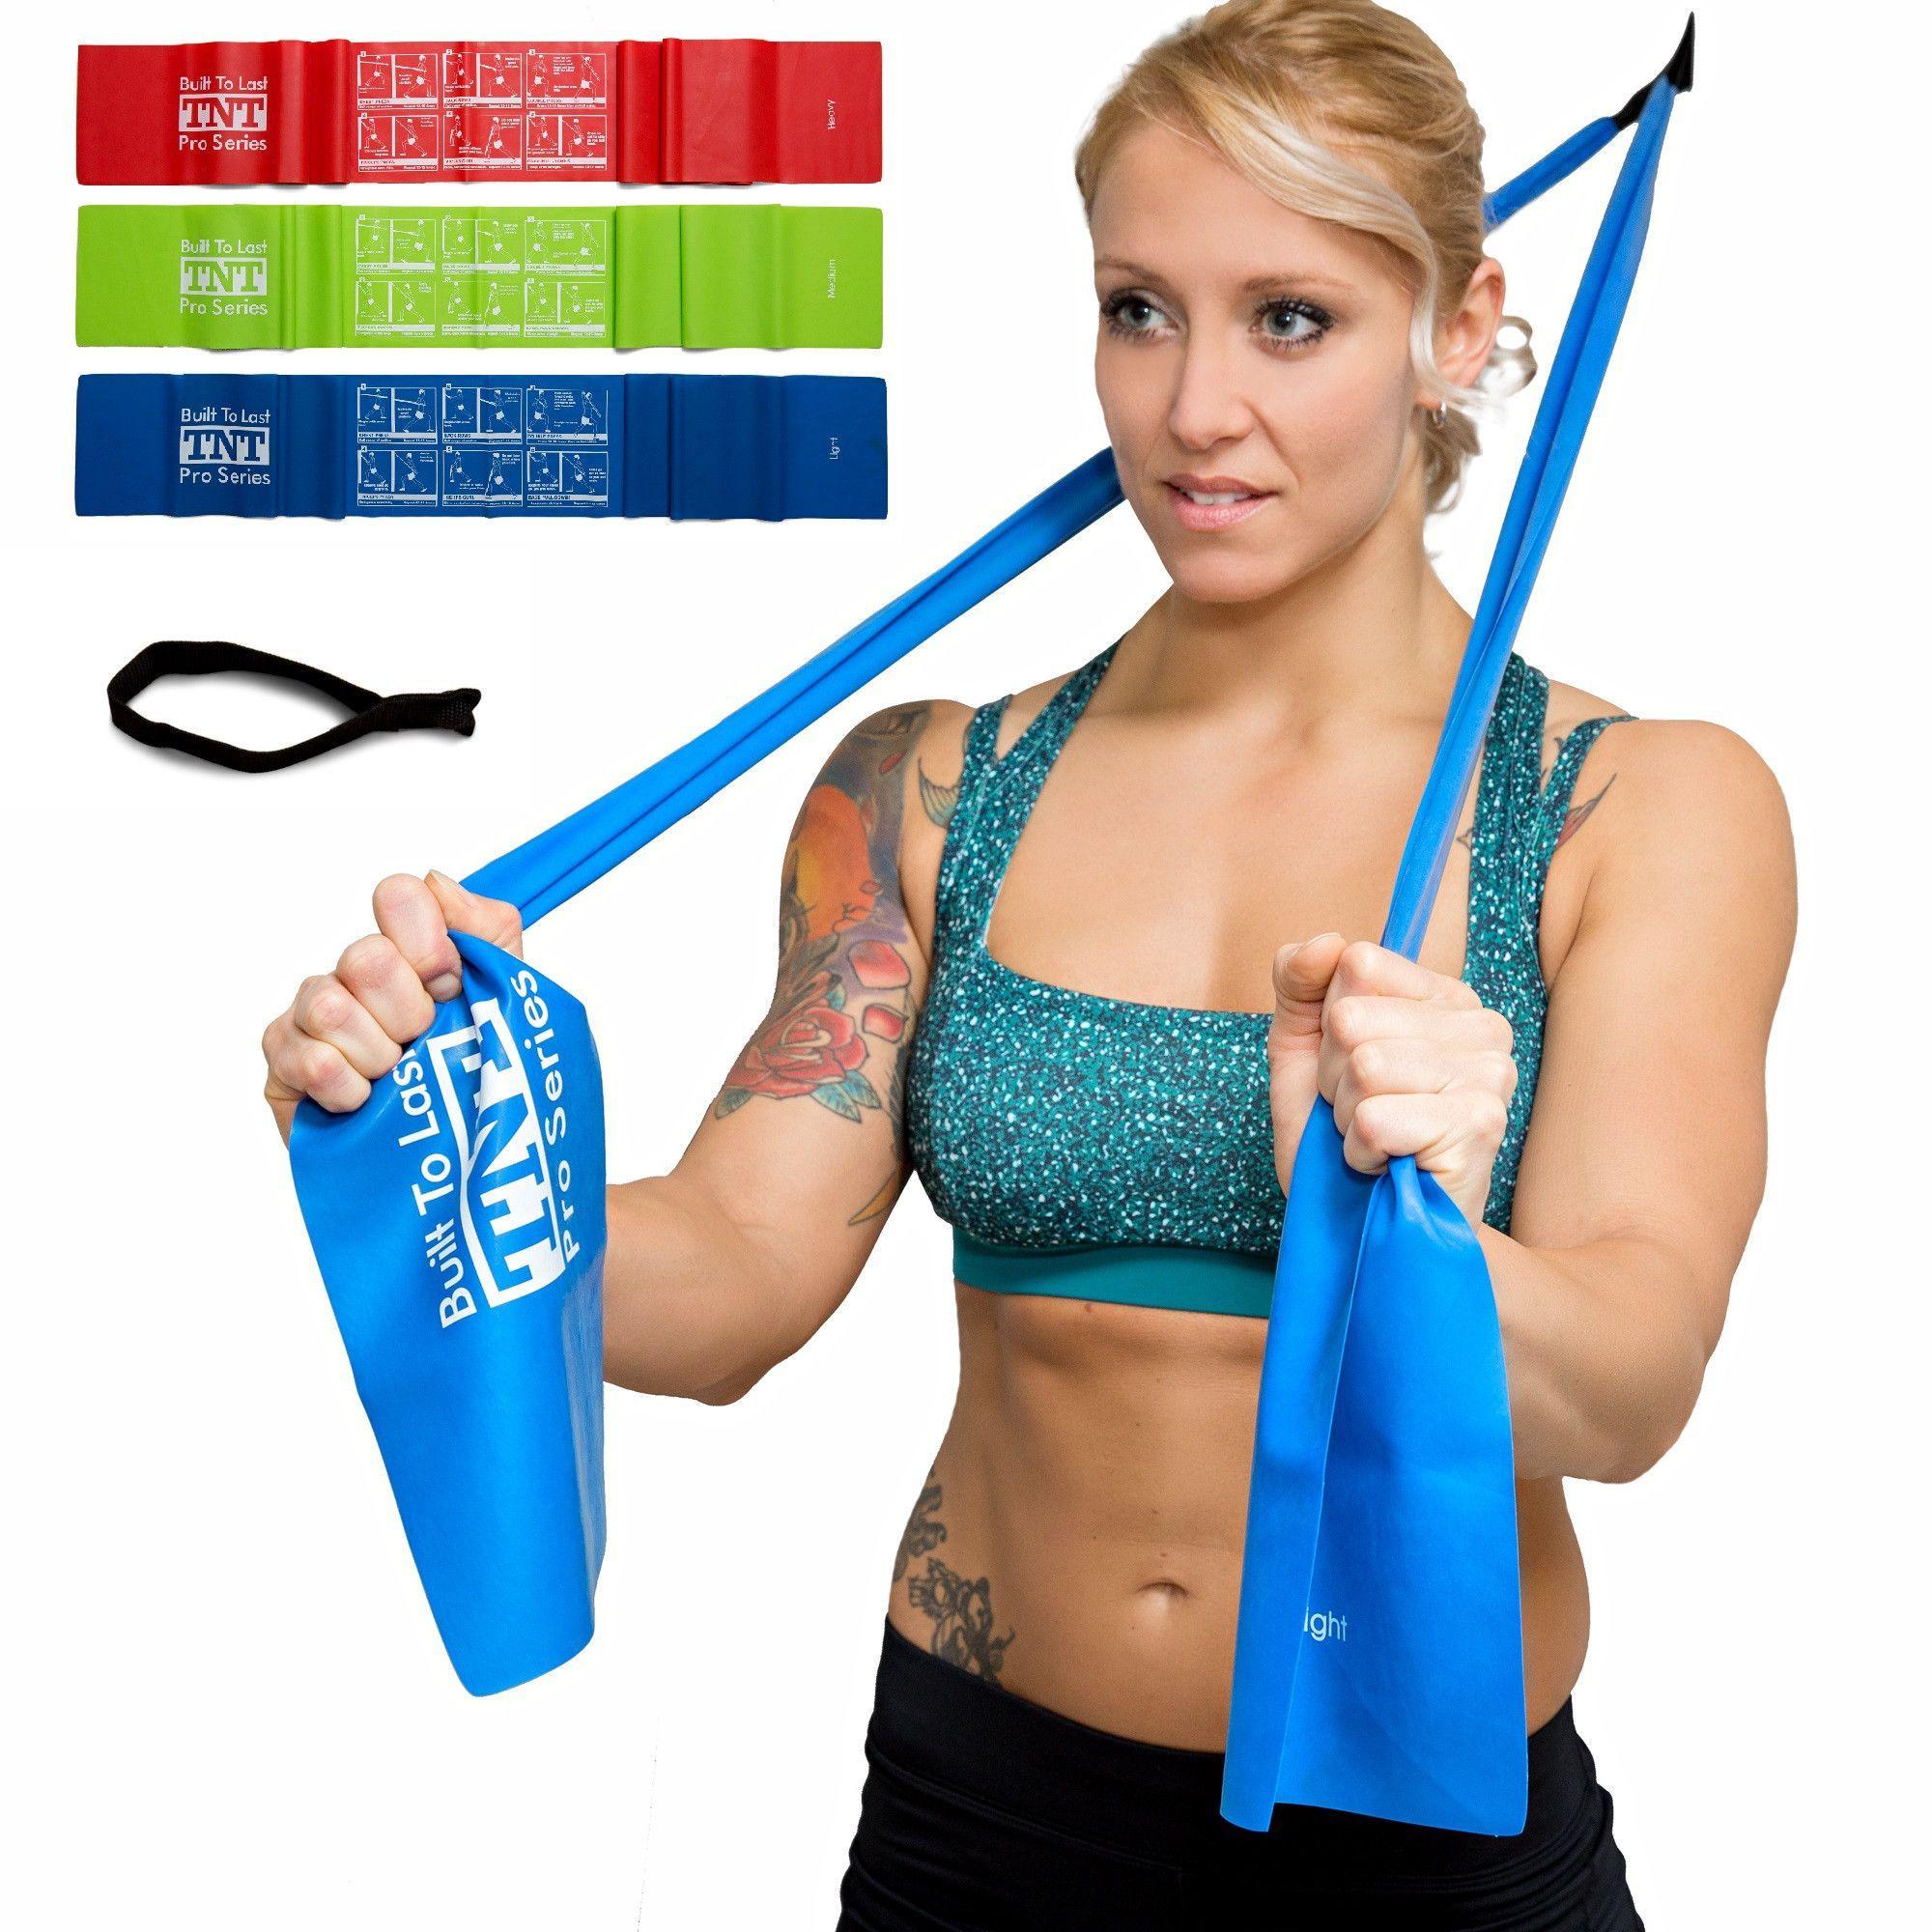 2. koncepció zsírégetés fogyhat-e még a menopauza idején